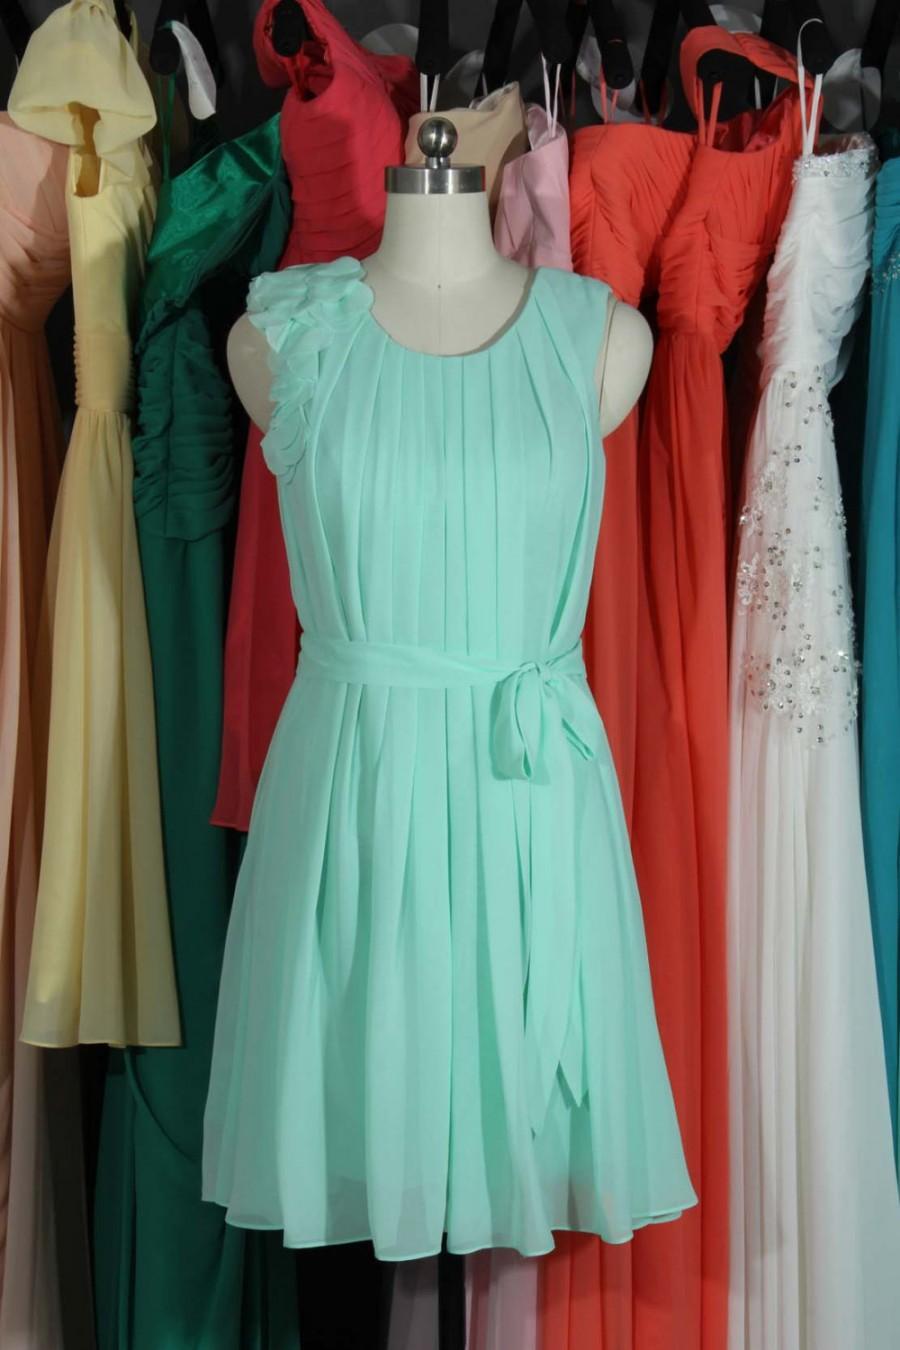 Wedding - Party Dress 2015, Mint Chiffon Prom Dress, Mint Bridesmaid Dress